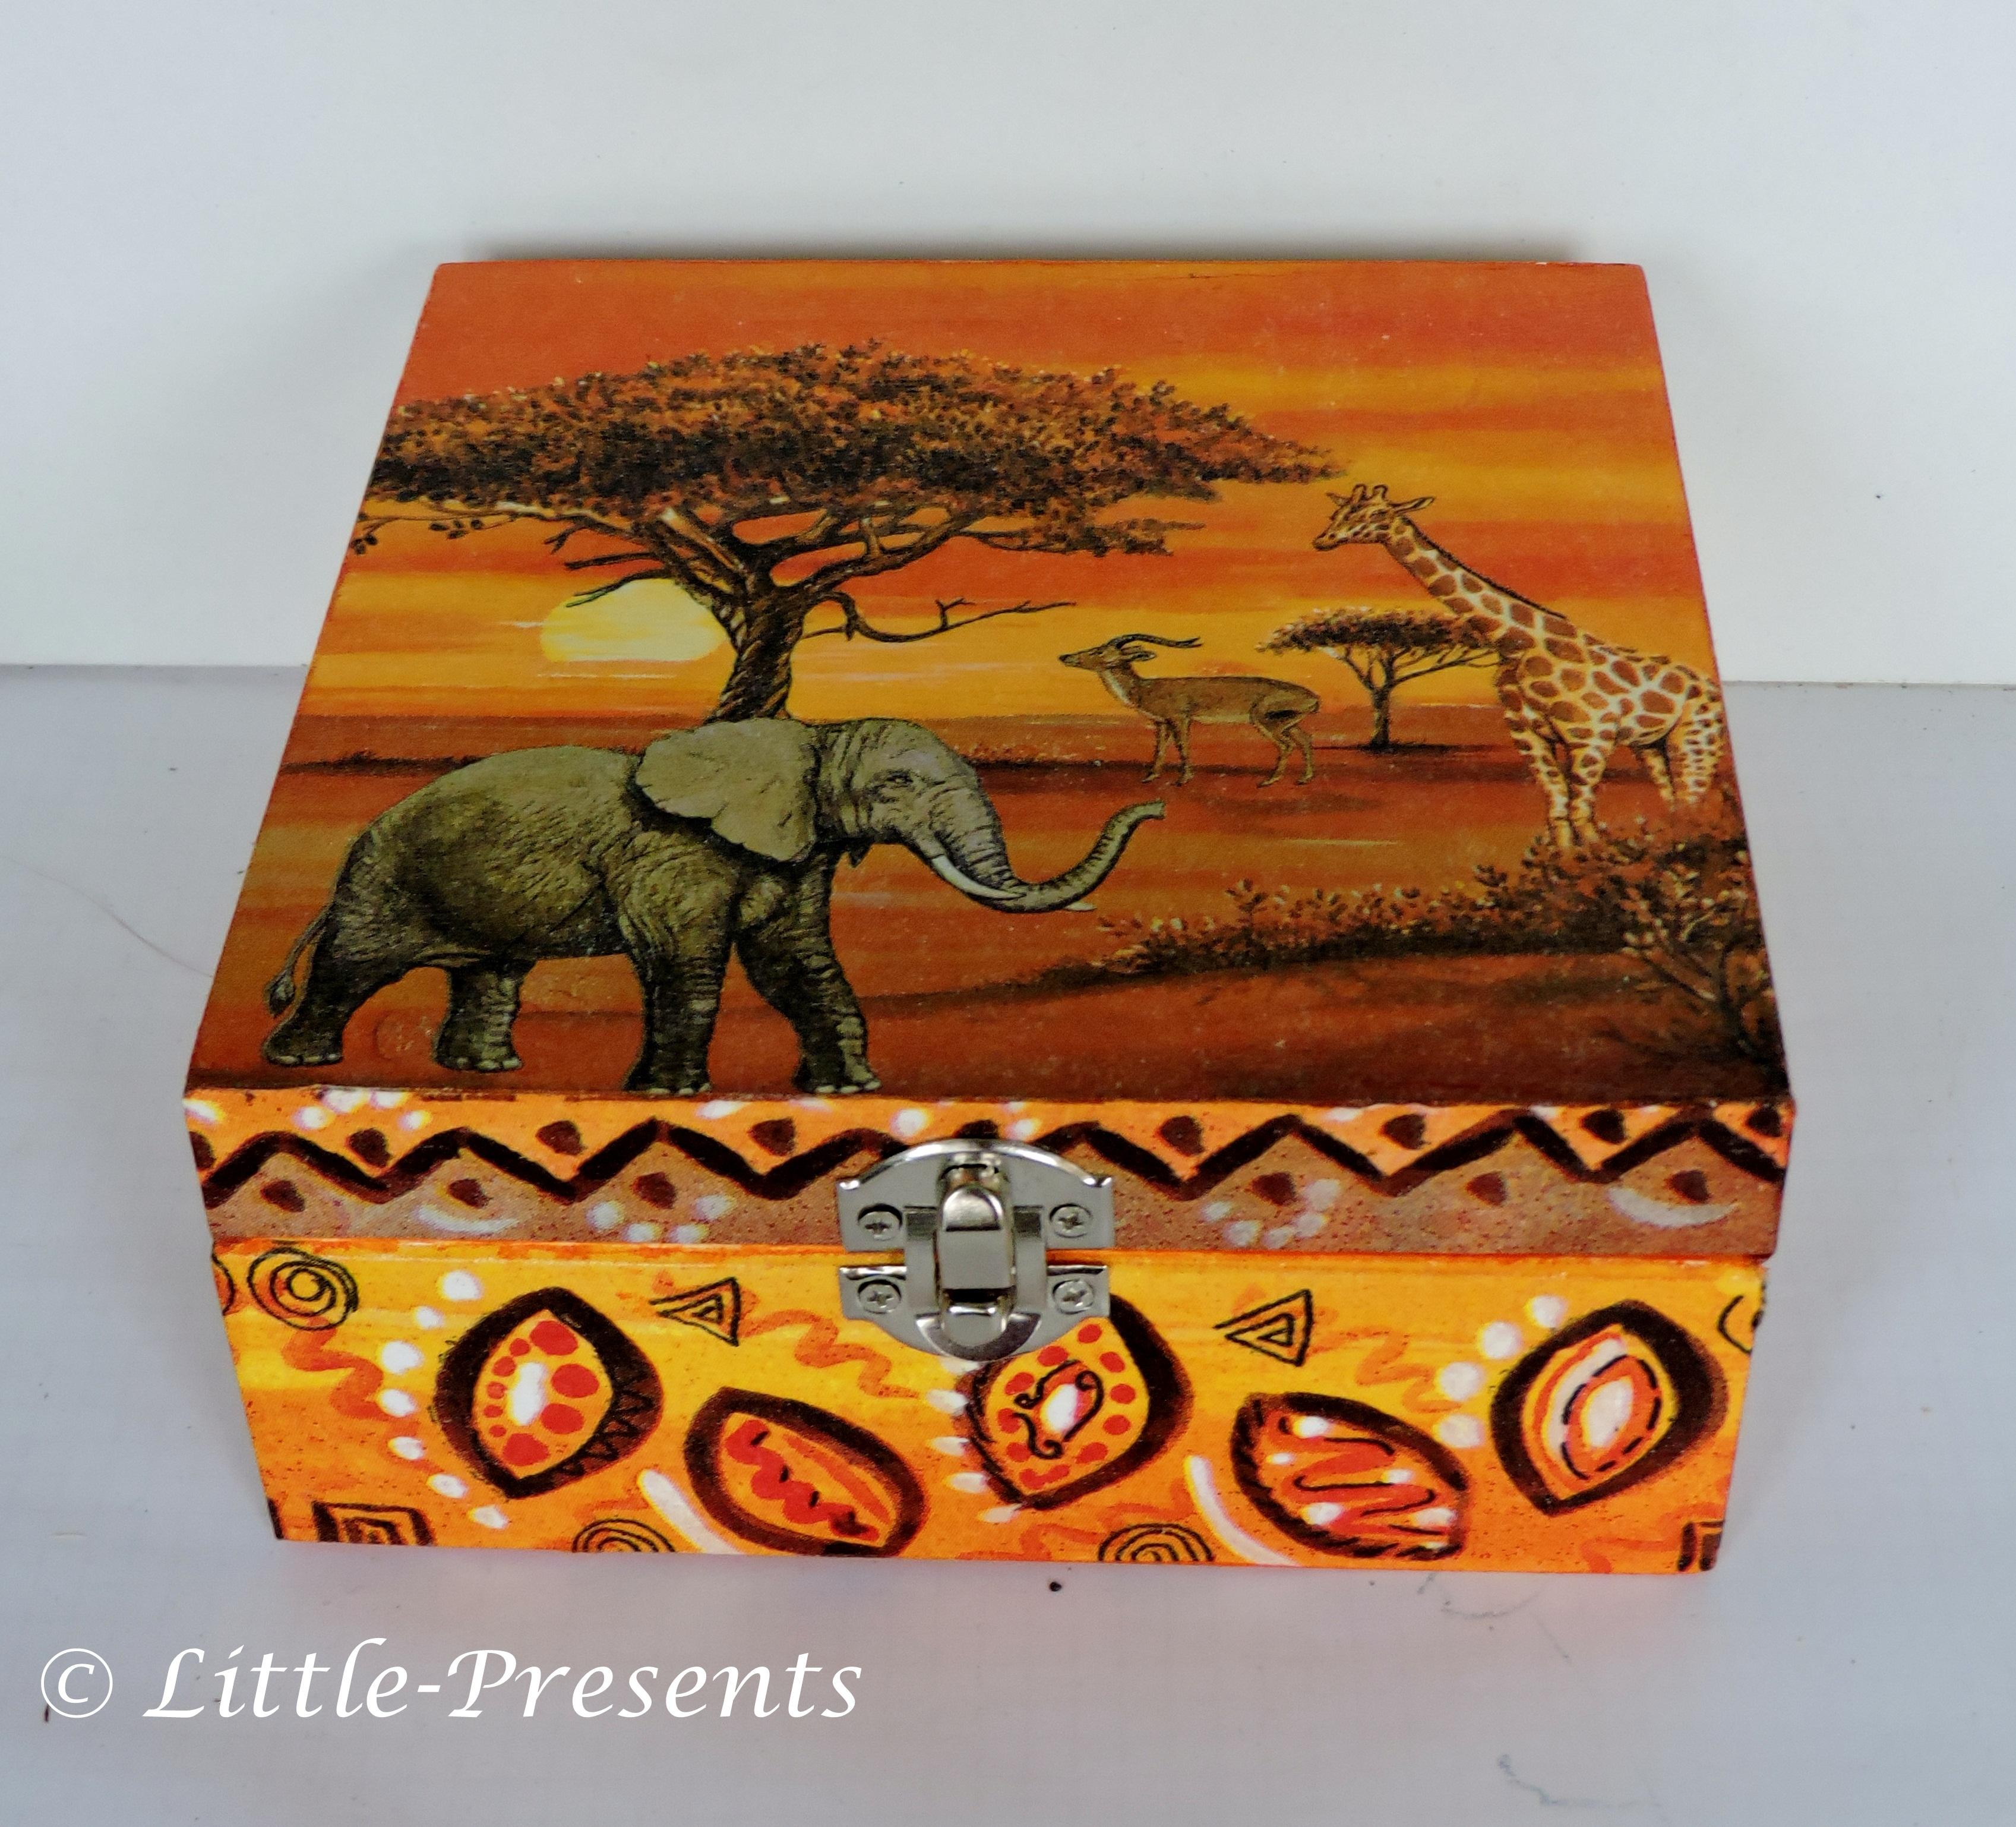 Little-Presents | Schmuckbox, Geschenkbox Elefanten | Wohnraumdeko ...